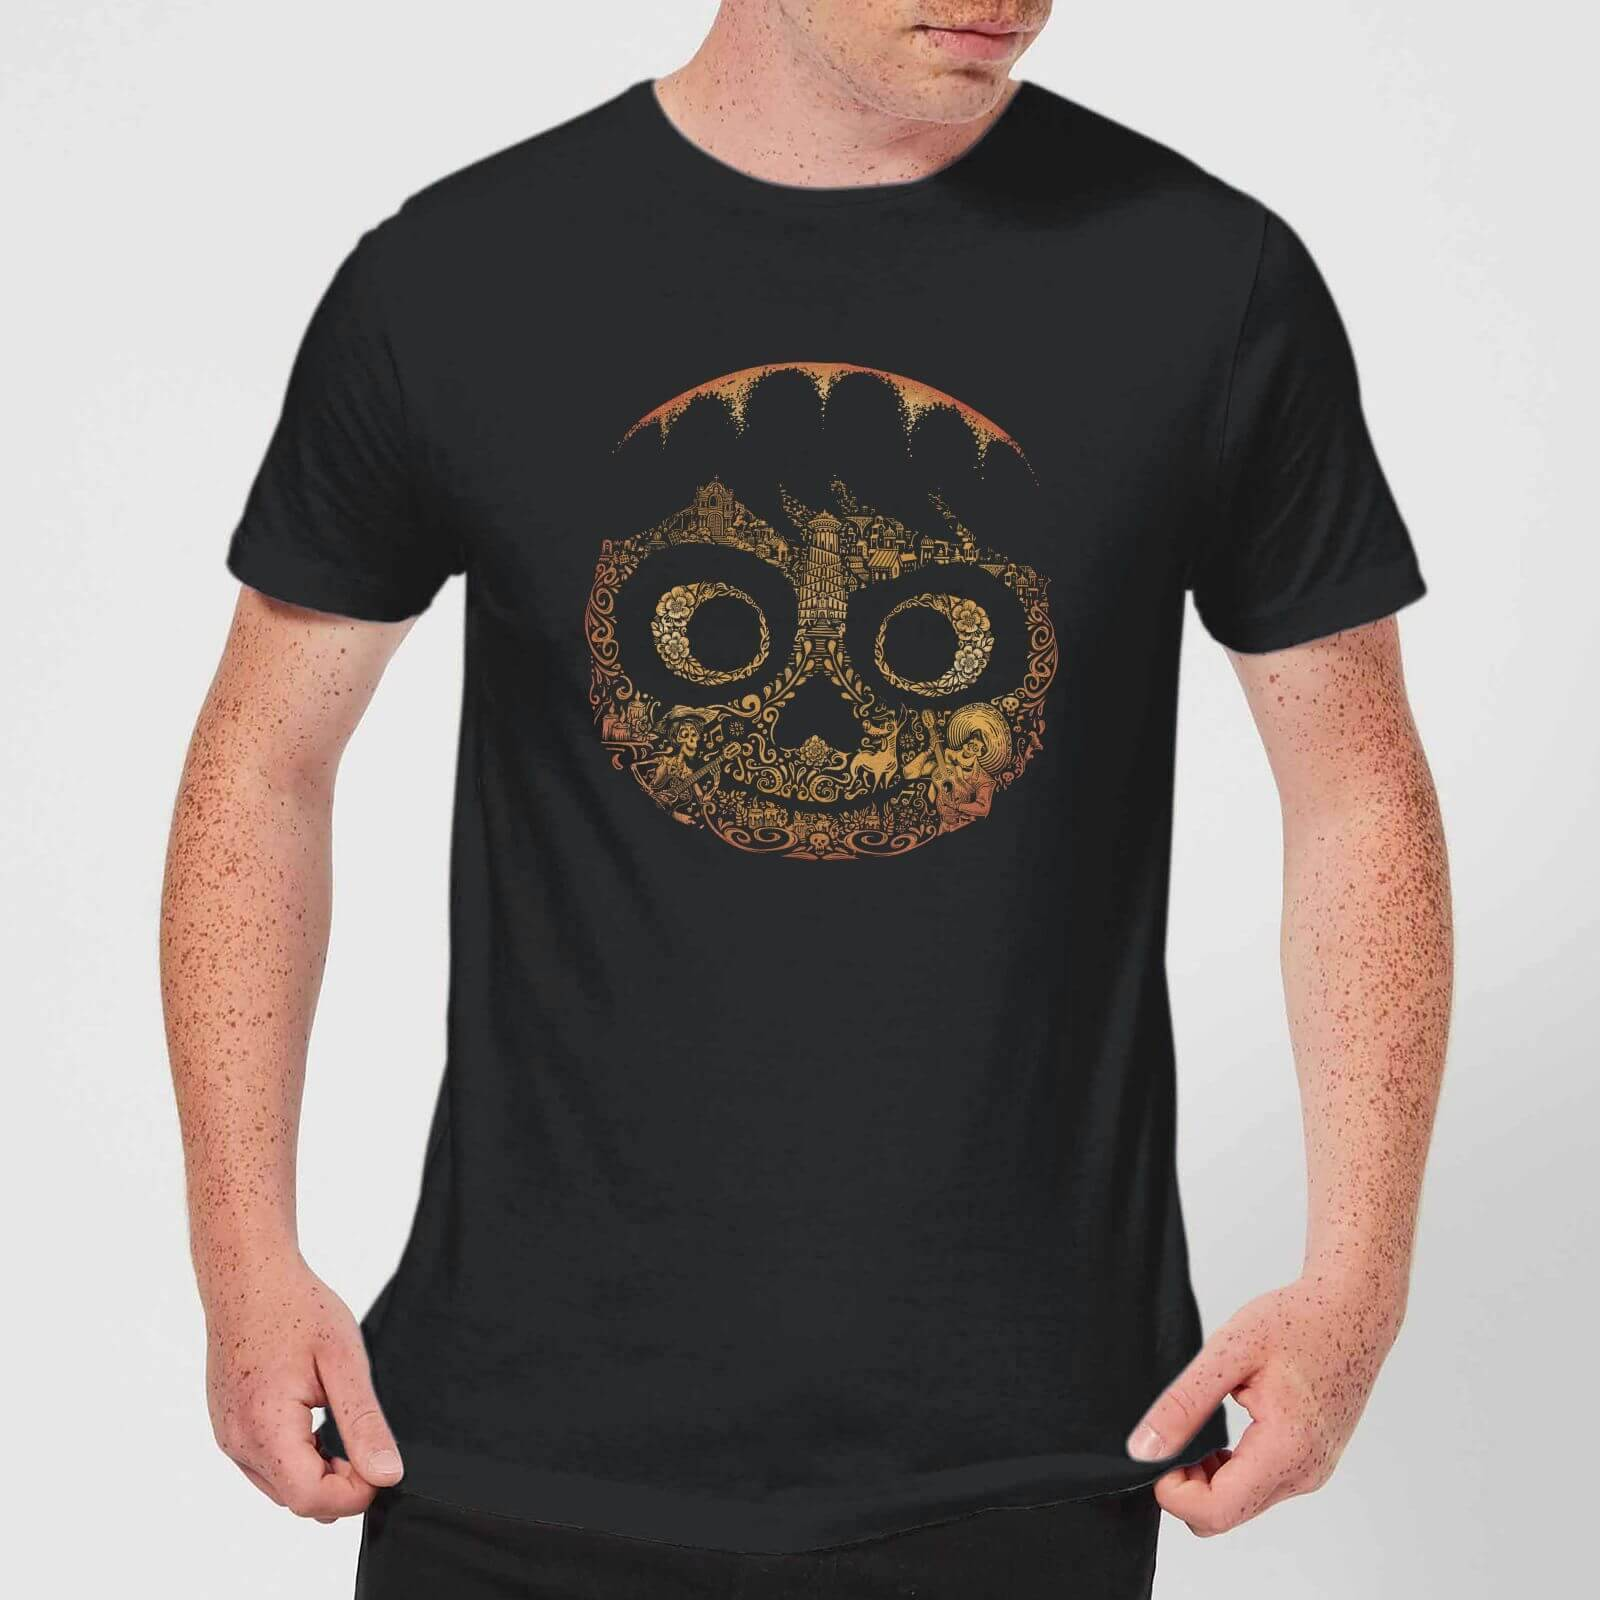 Pixar T-Shirt Homme Visage Miguel Coco - Noir - XXL - Noir